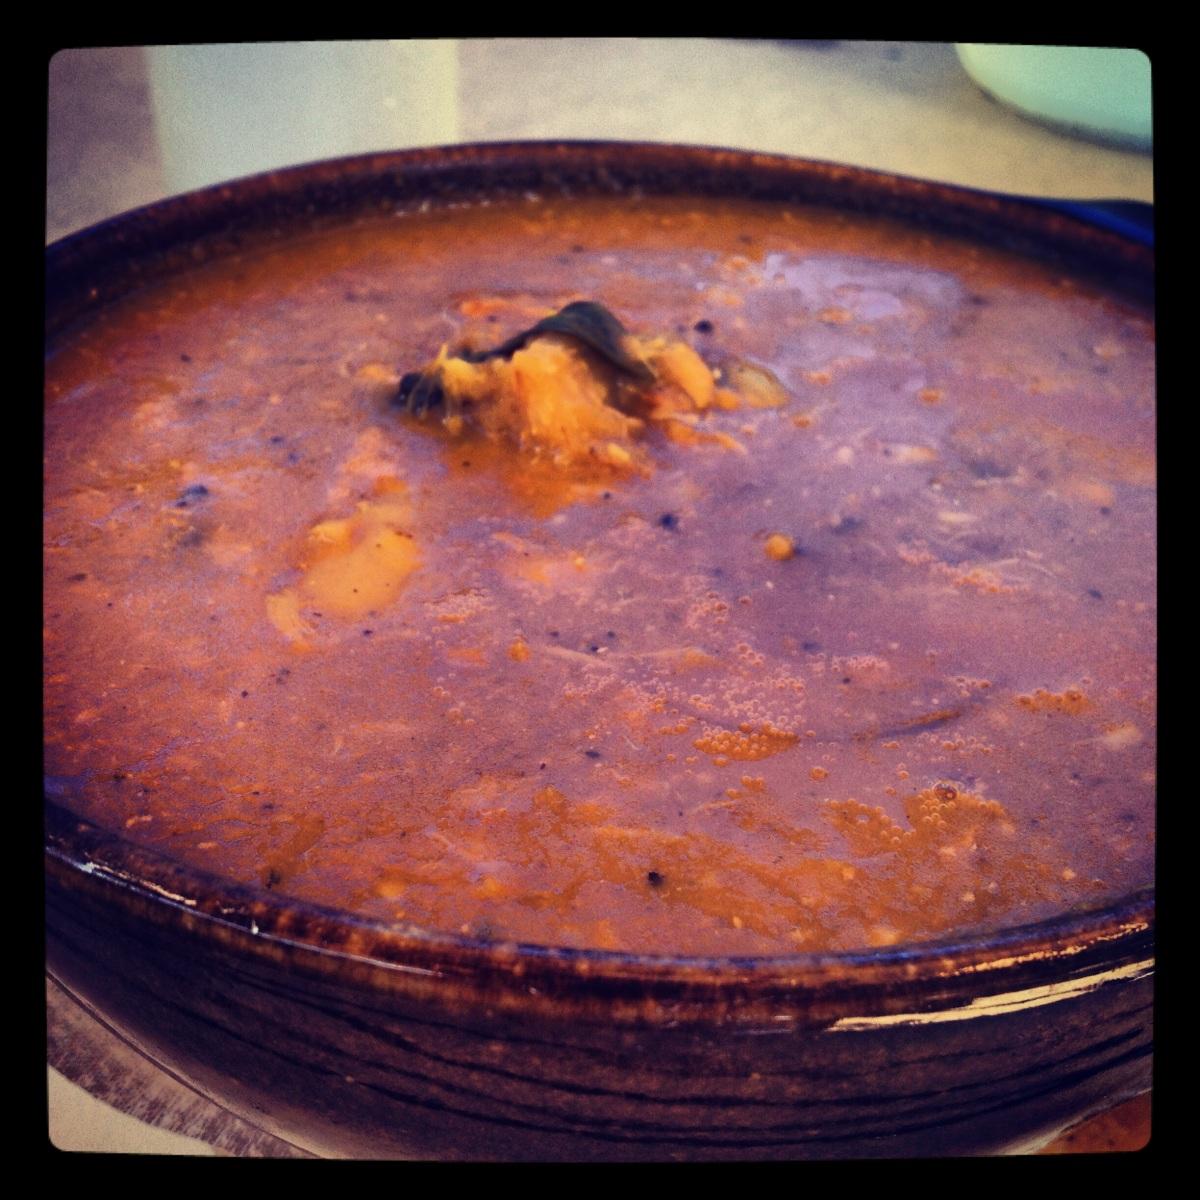 Sopa de cangrejo, local food